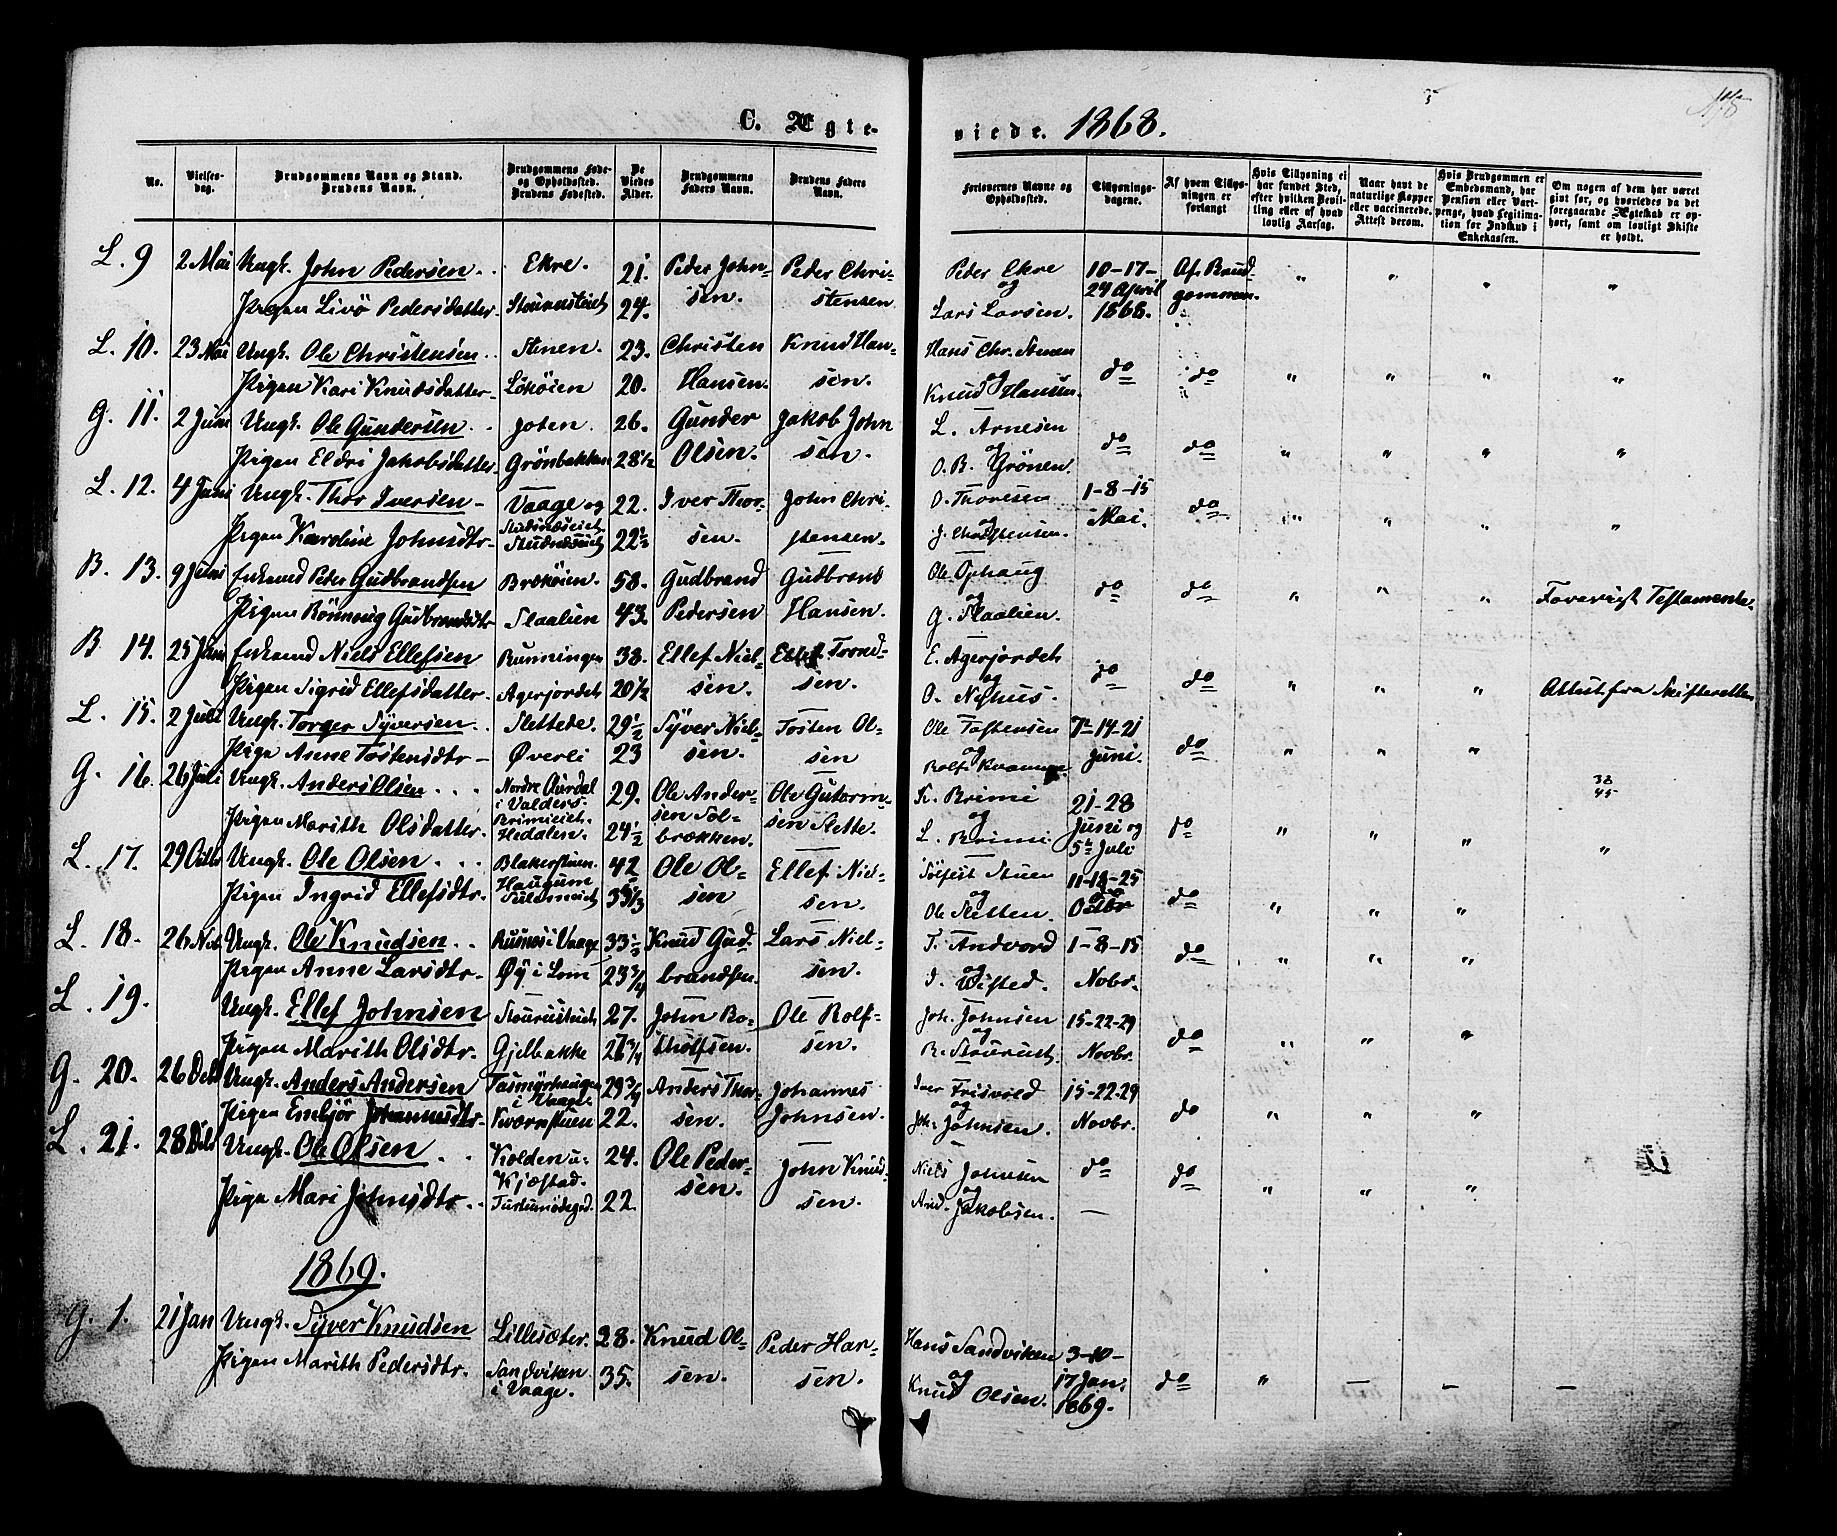 SAH, Lom prestekontor, K/L0007: Ministerialbok nr. 7, 1863-1884, s. 178